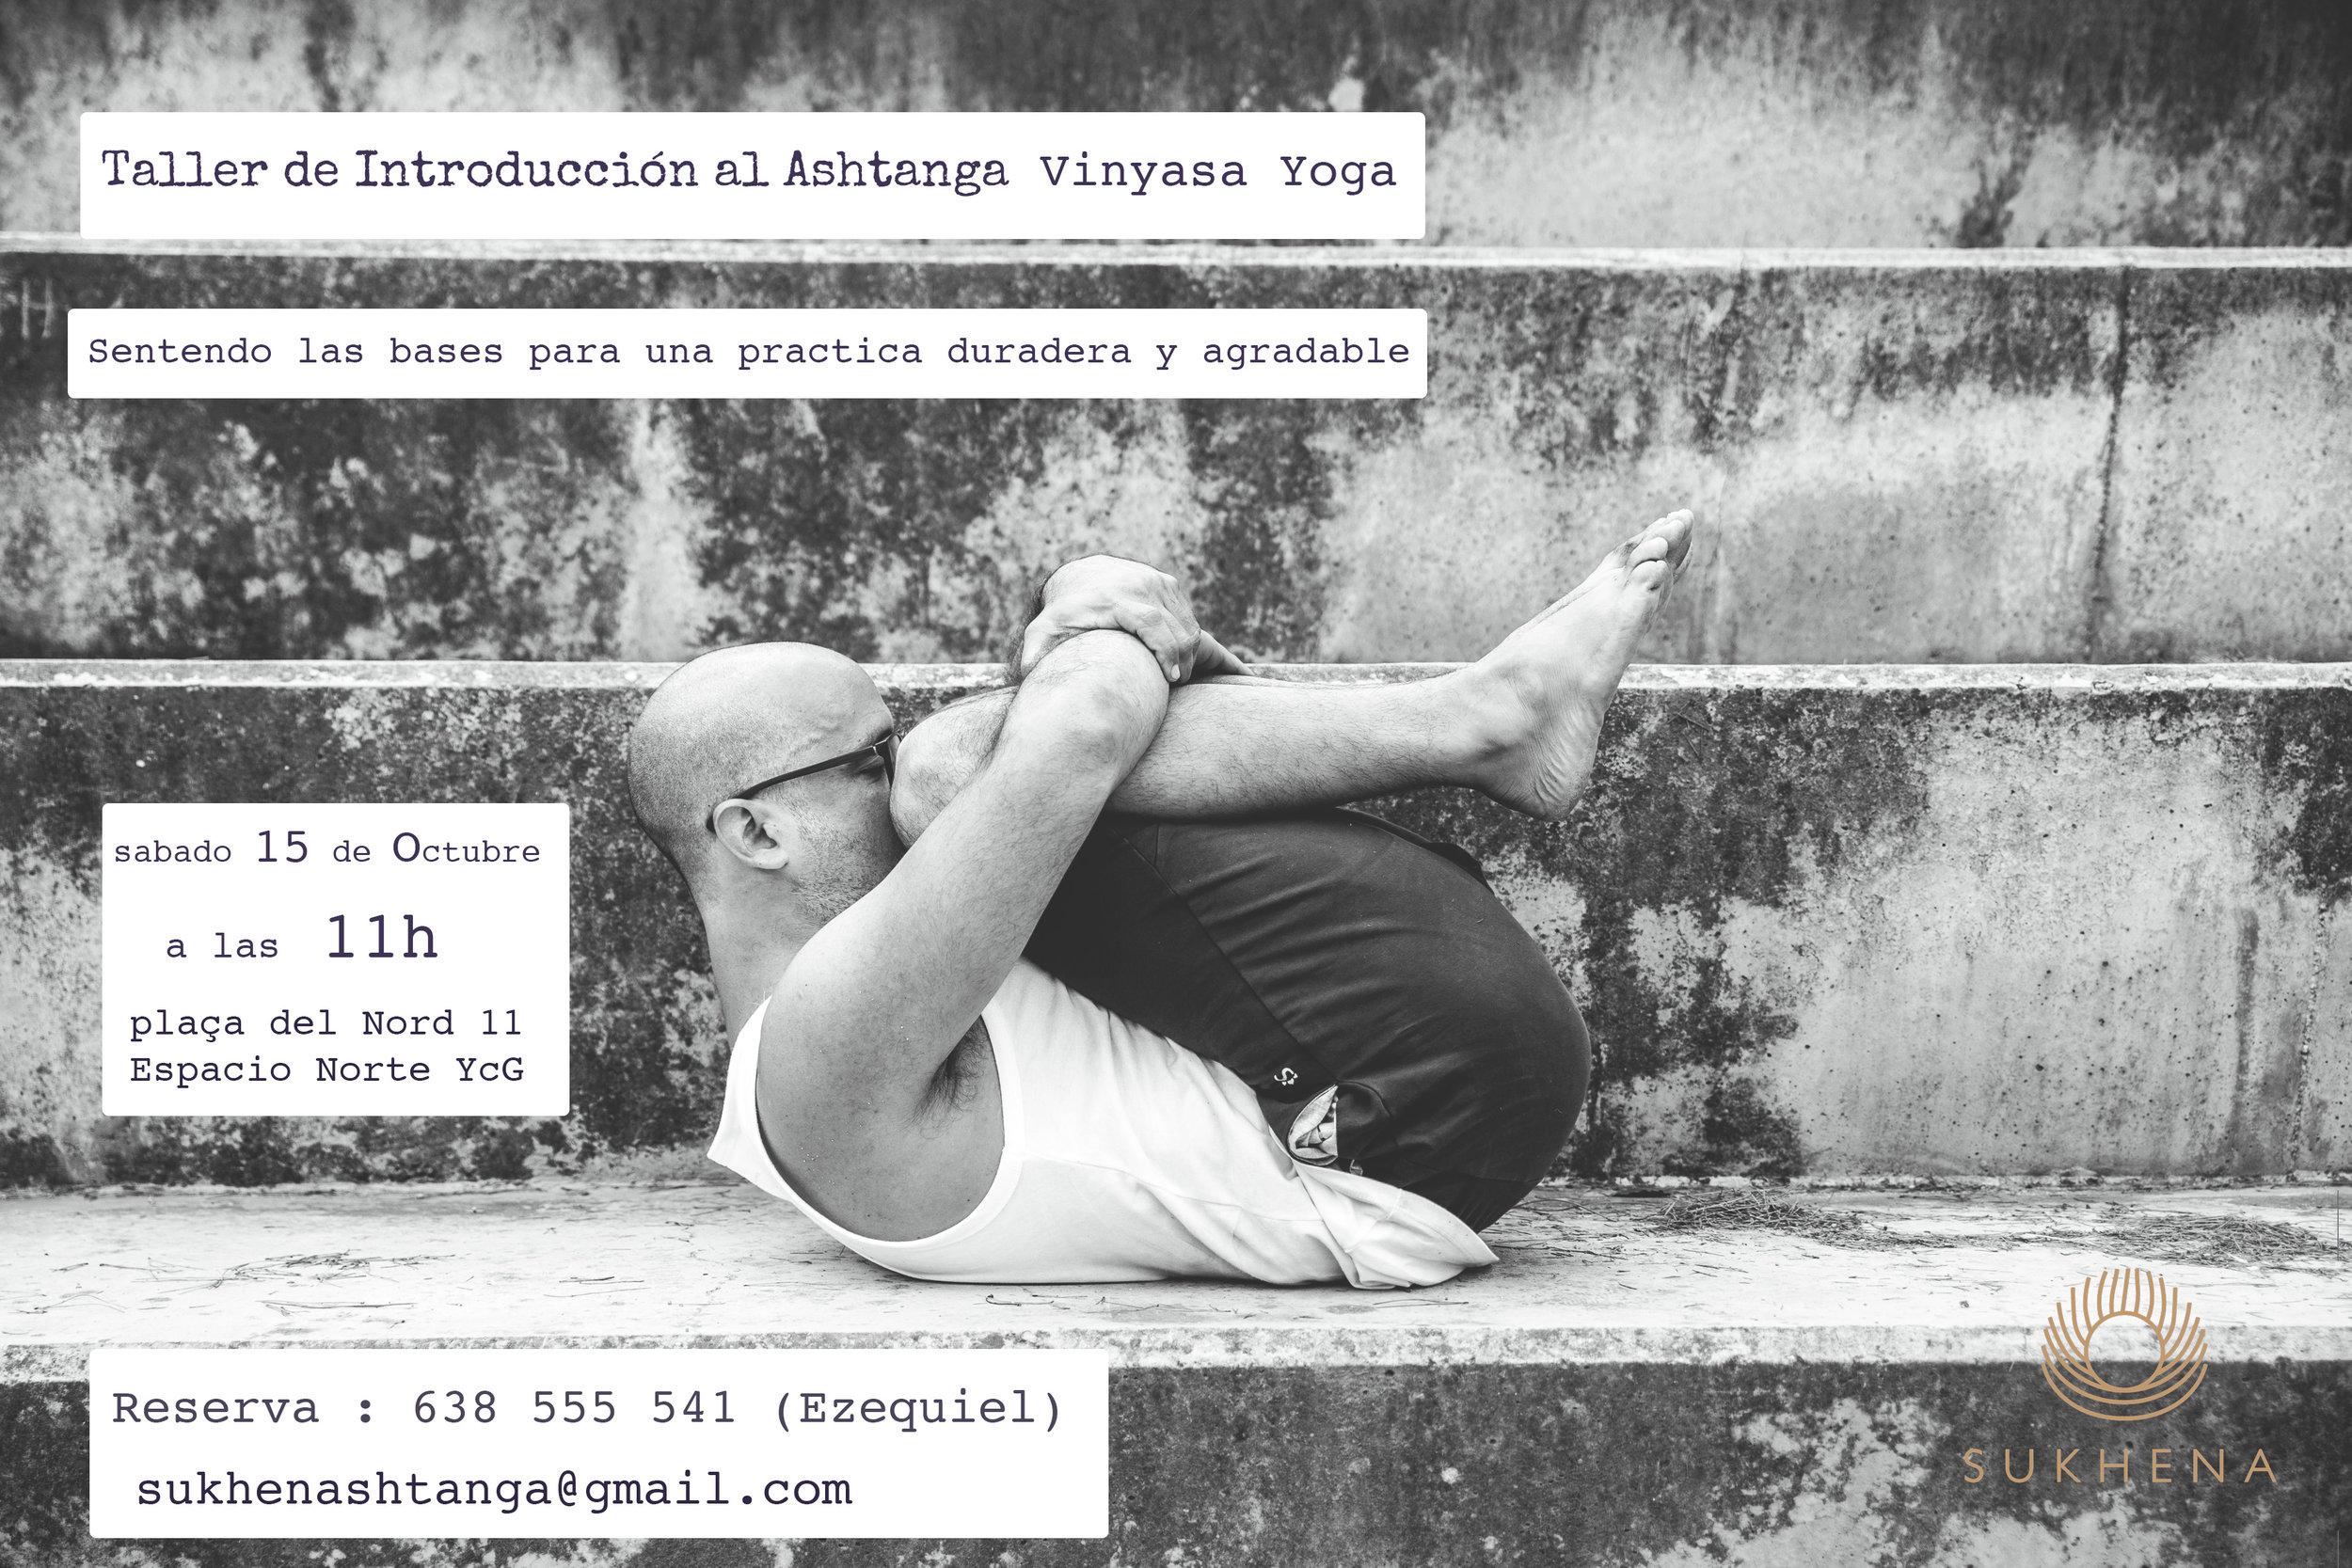 del domingo 16 a las 10h hasta fin de octubre martes jueves y domingo a las 10h serán puertas abiertas para poder descubrir este estilo de yoga.